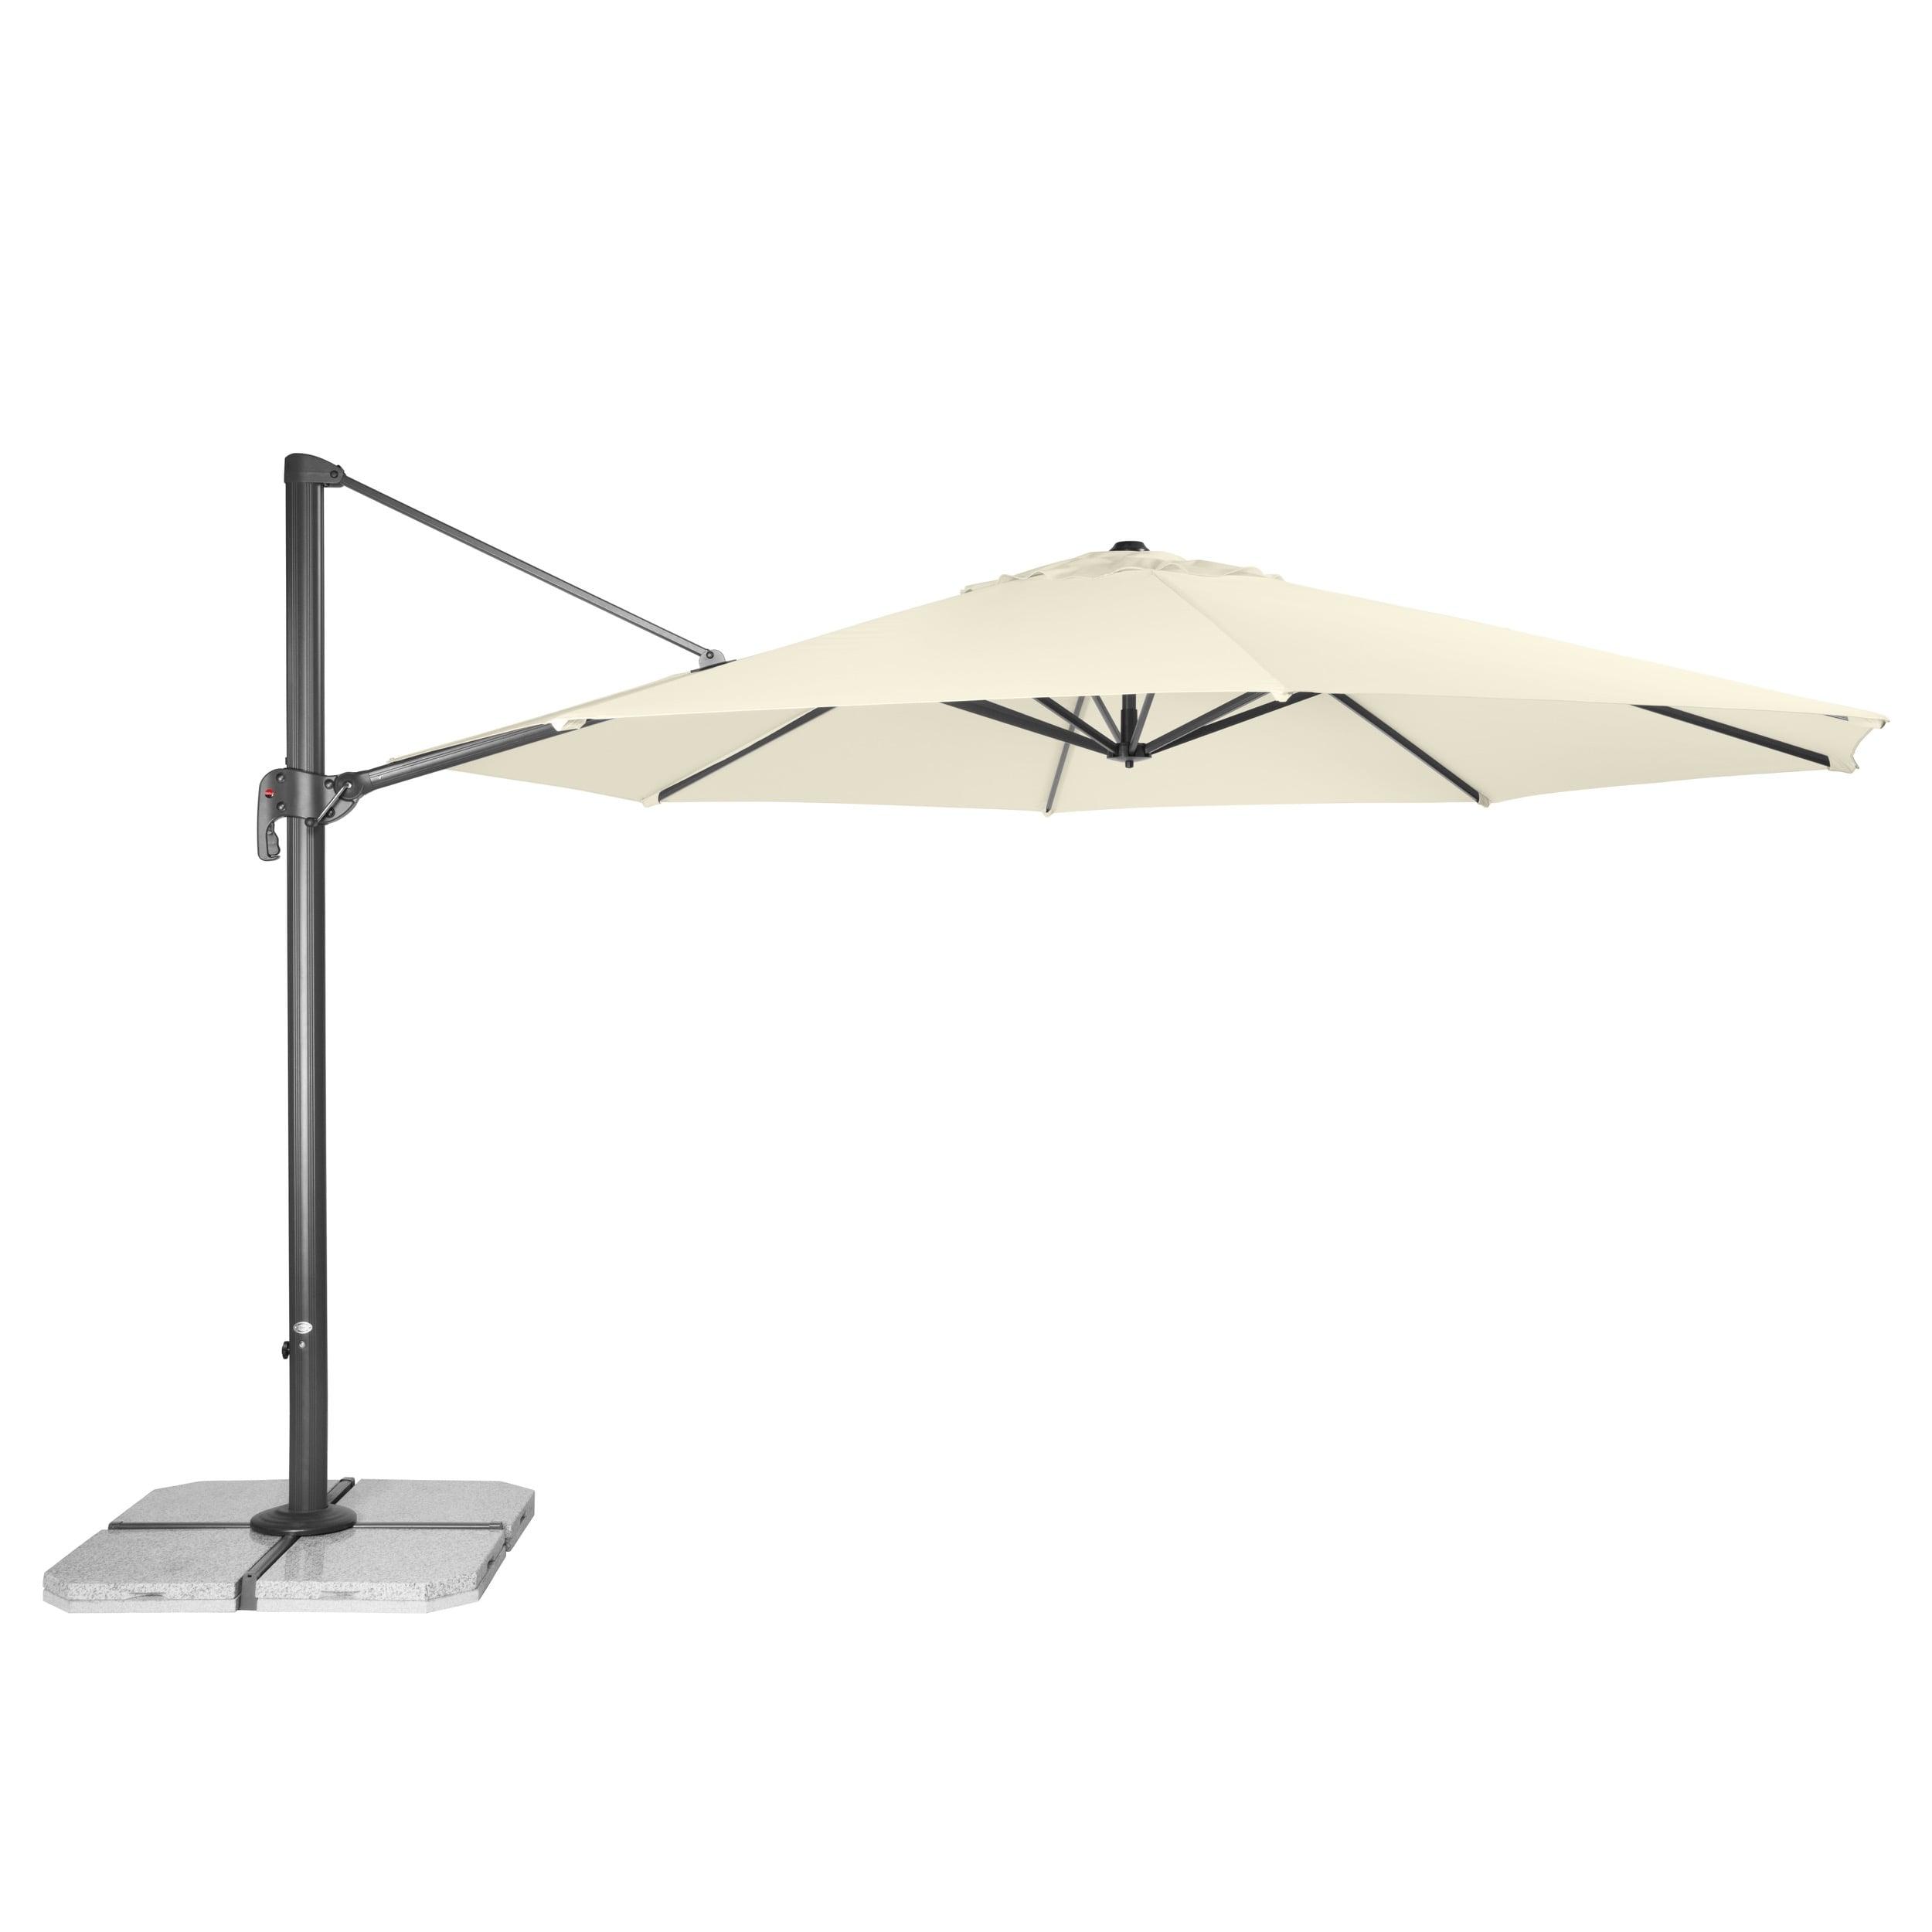 RAVENNA 400 cm – zahradní výkyvný slunečník s boční tyčí